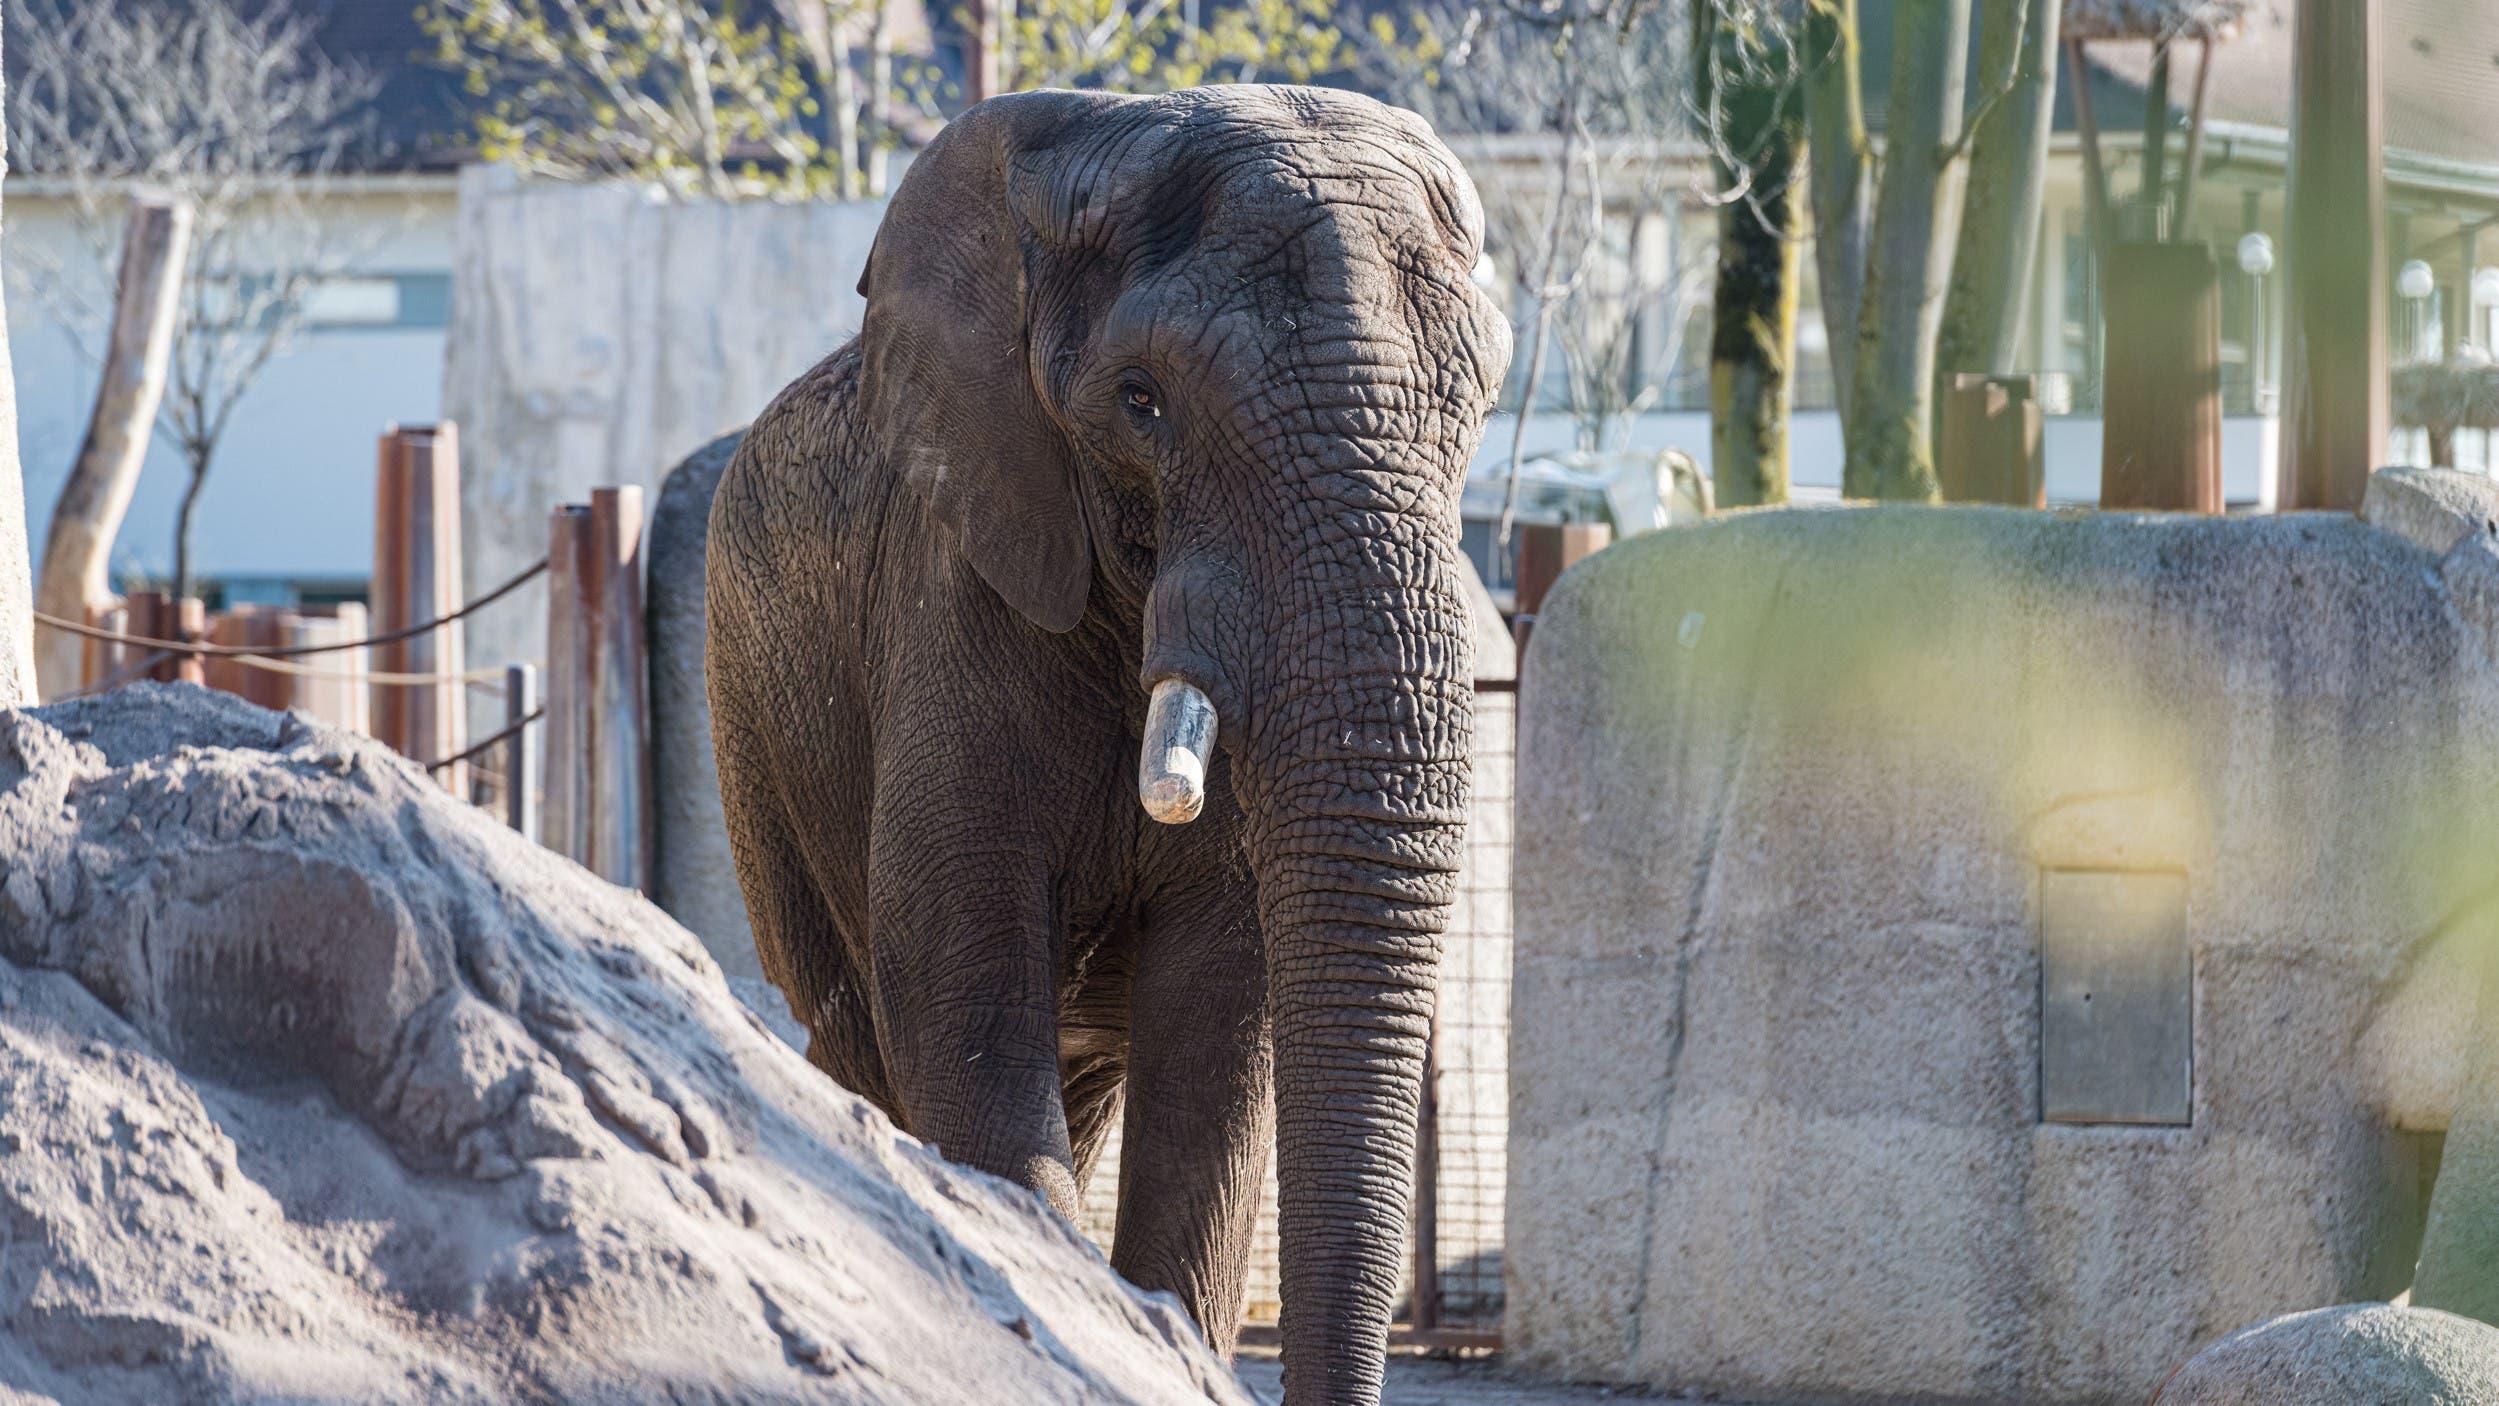 Am 7. April kam der Elefantenbulle Jack in Basel an.